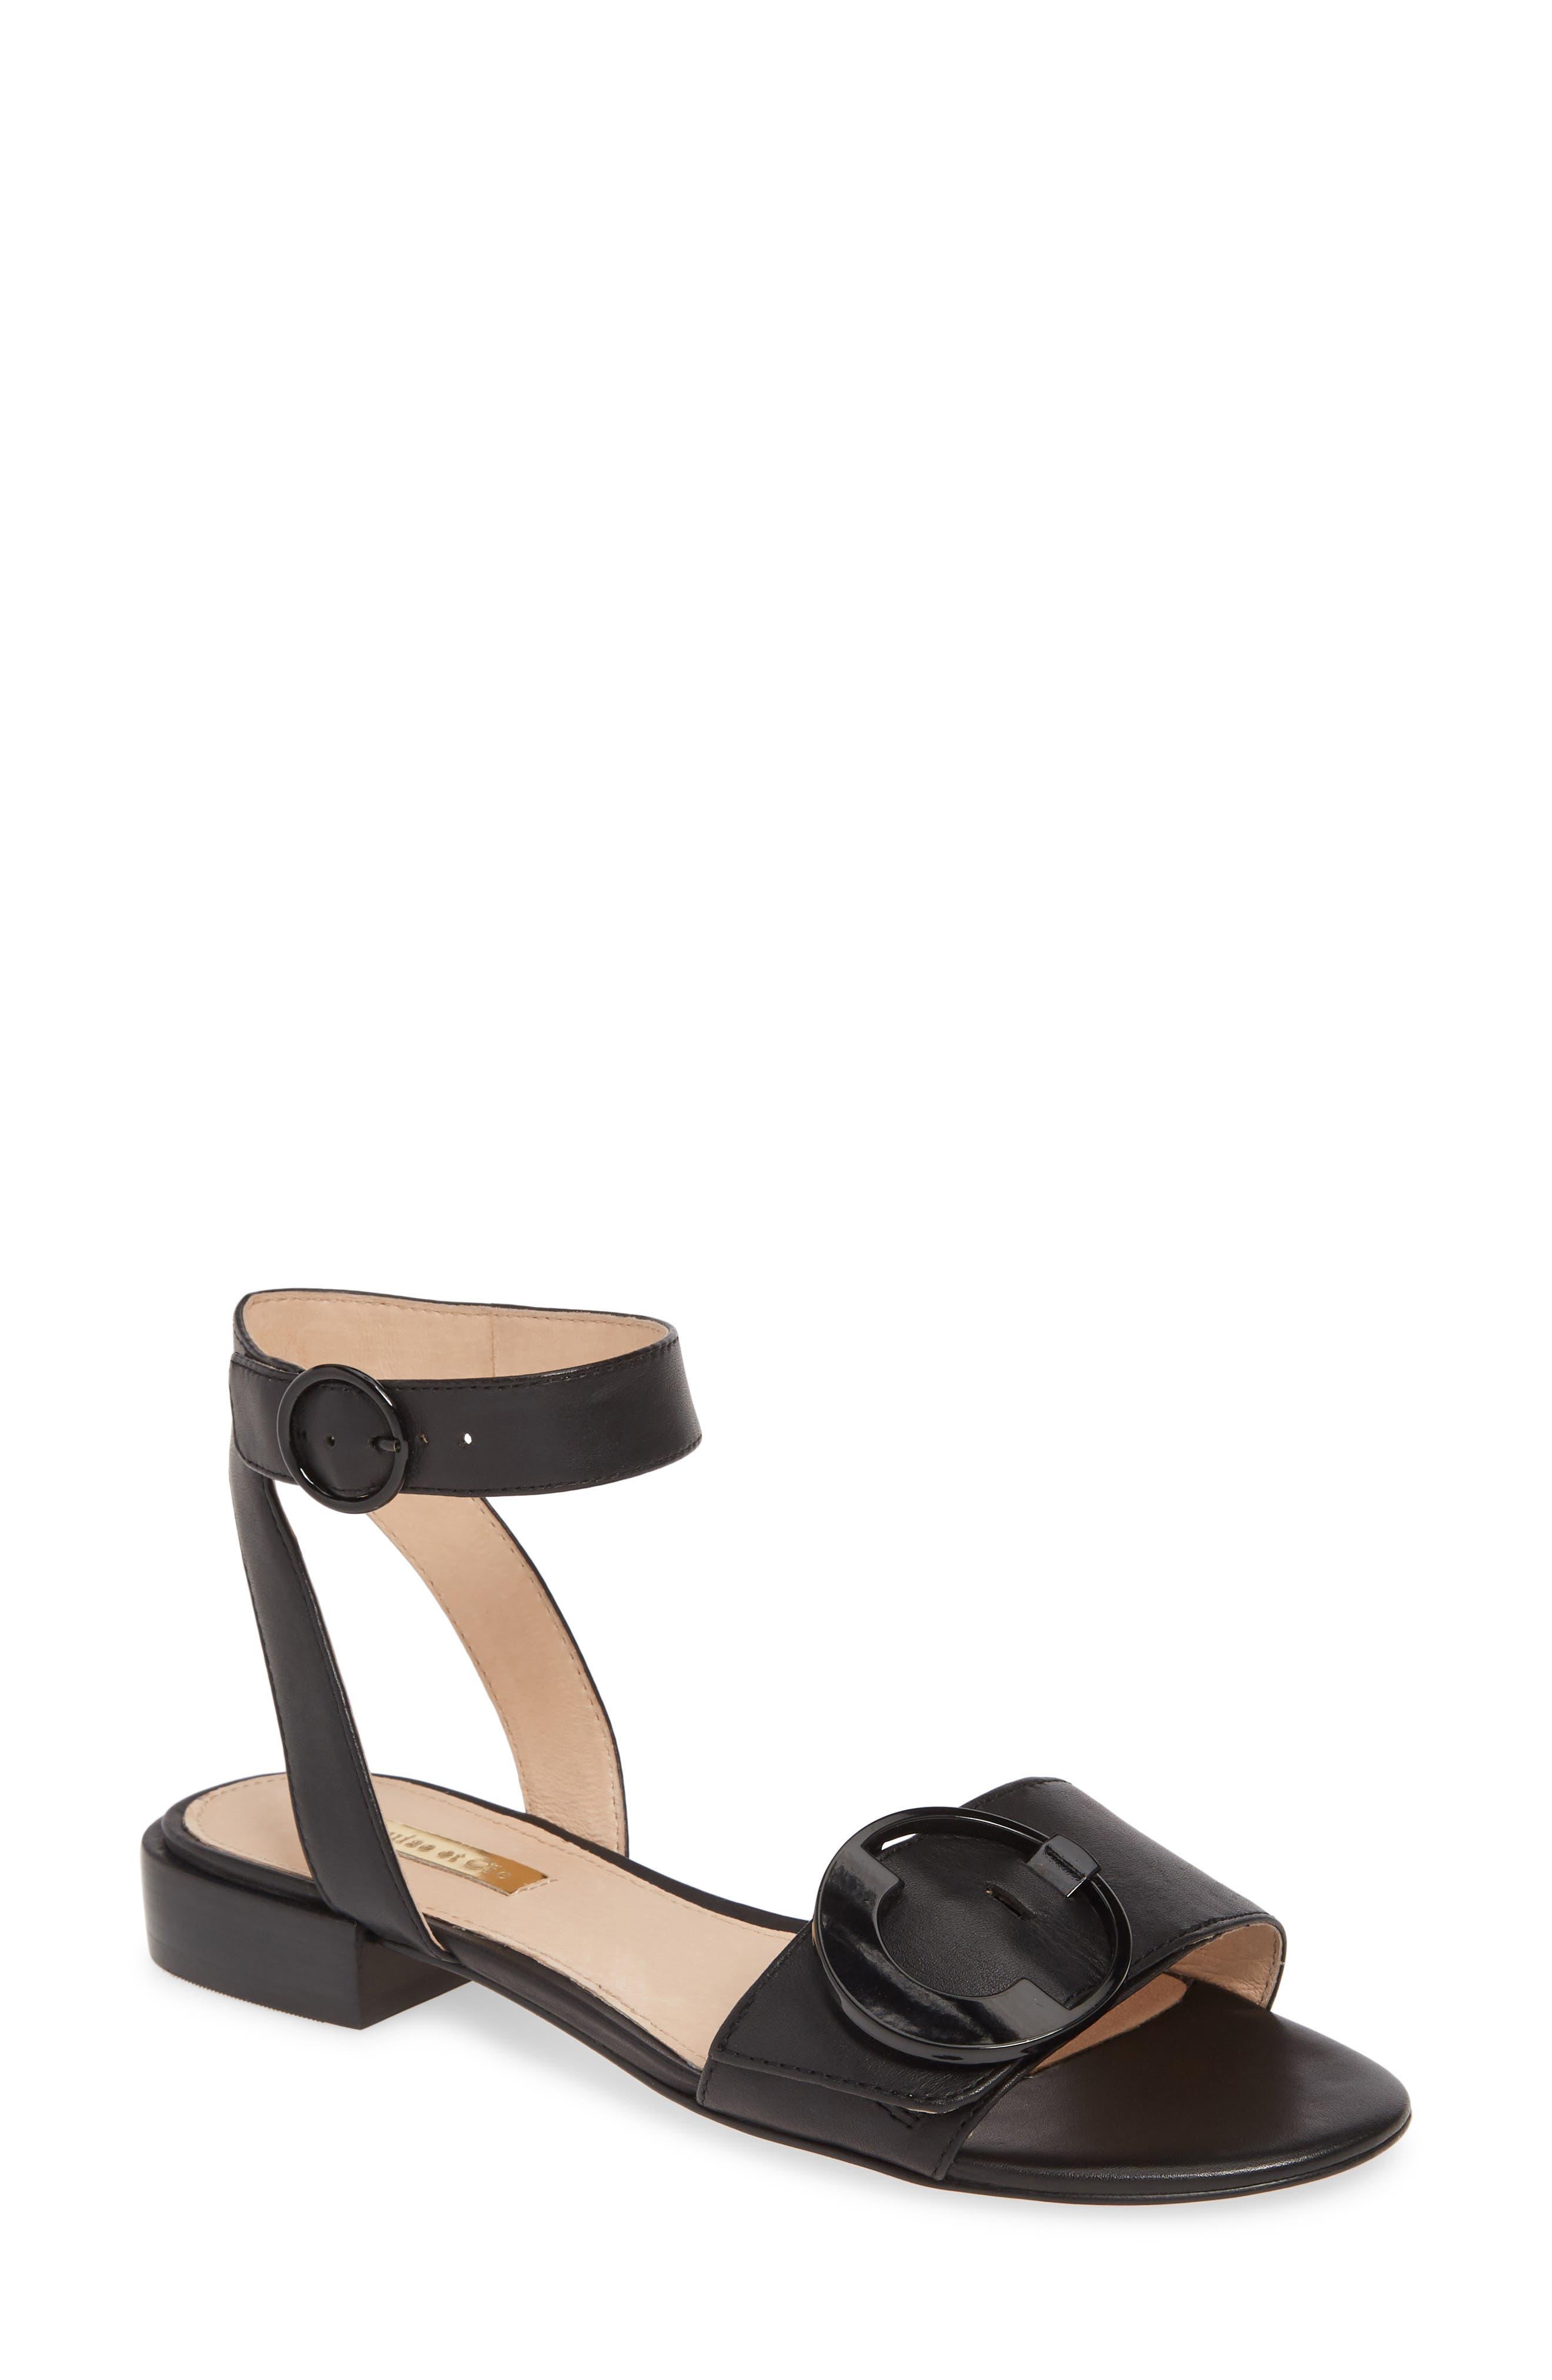 Image of Louise et Cie Austen Flat Sandal